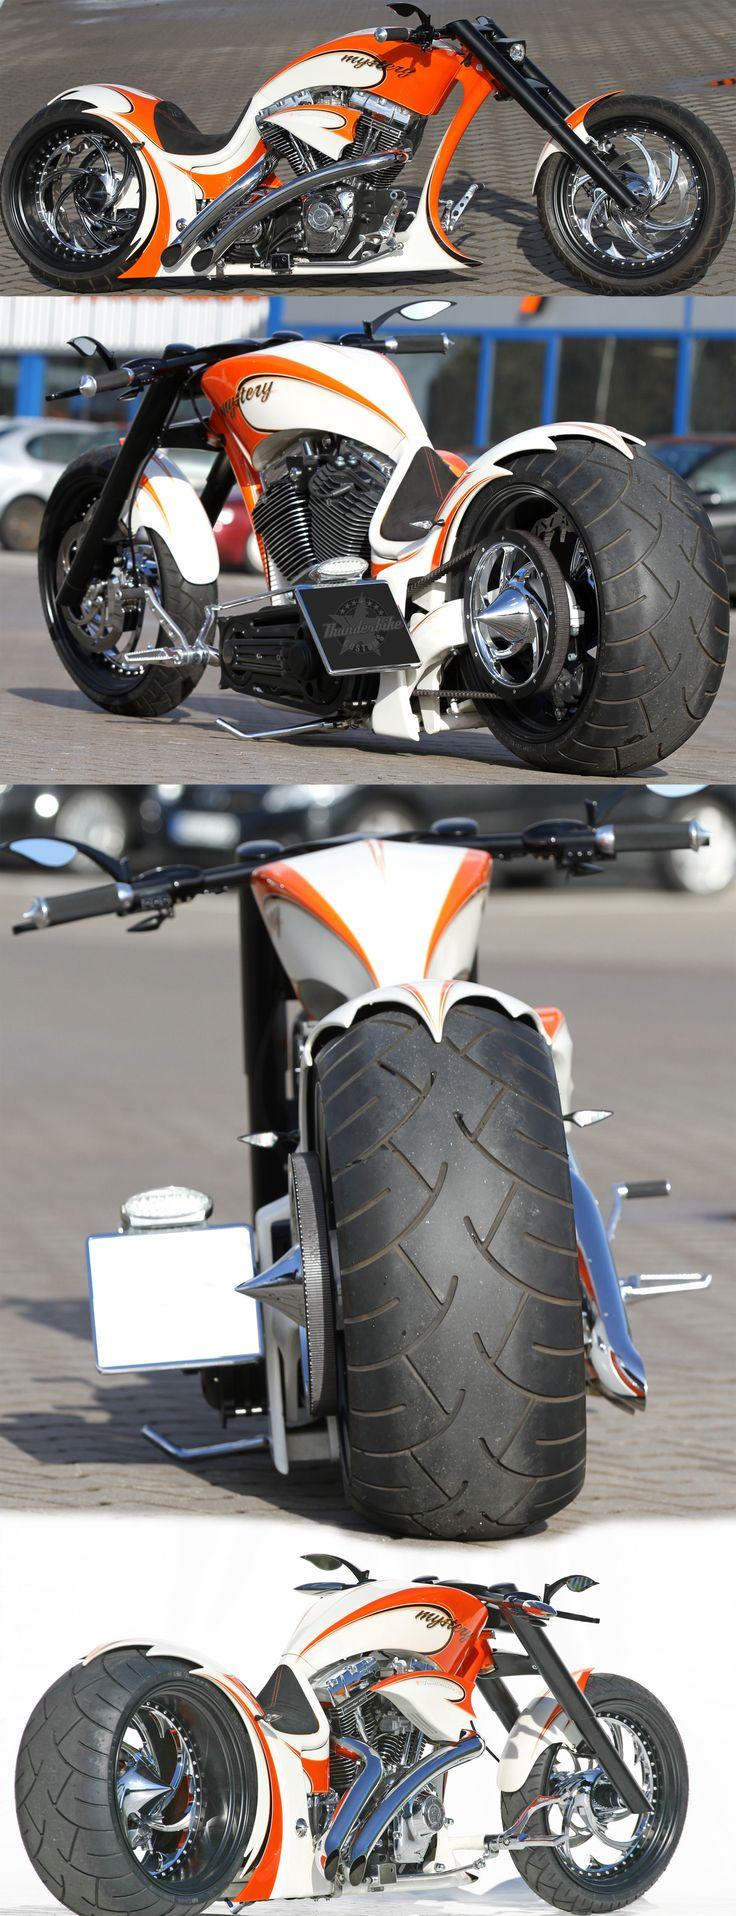 Thunderbike Mystery custombike with Harley-Davidson Engine